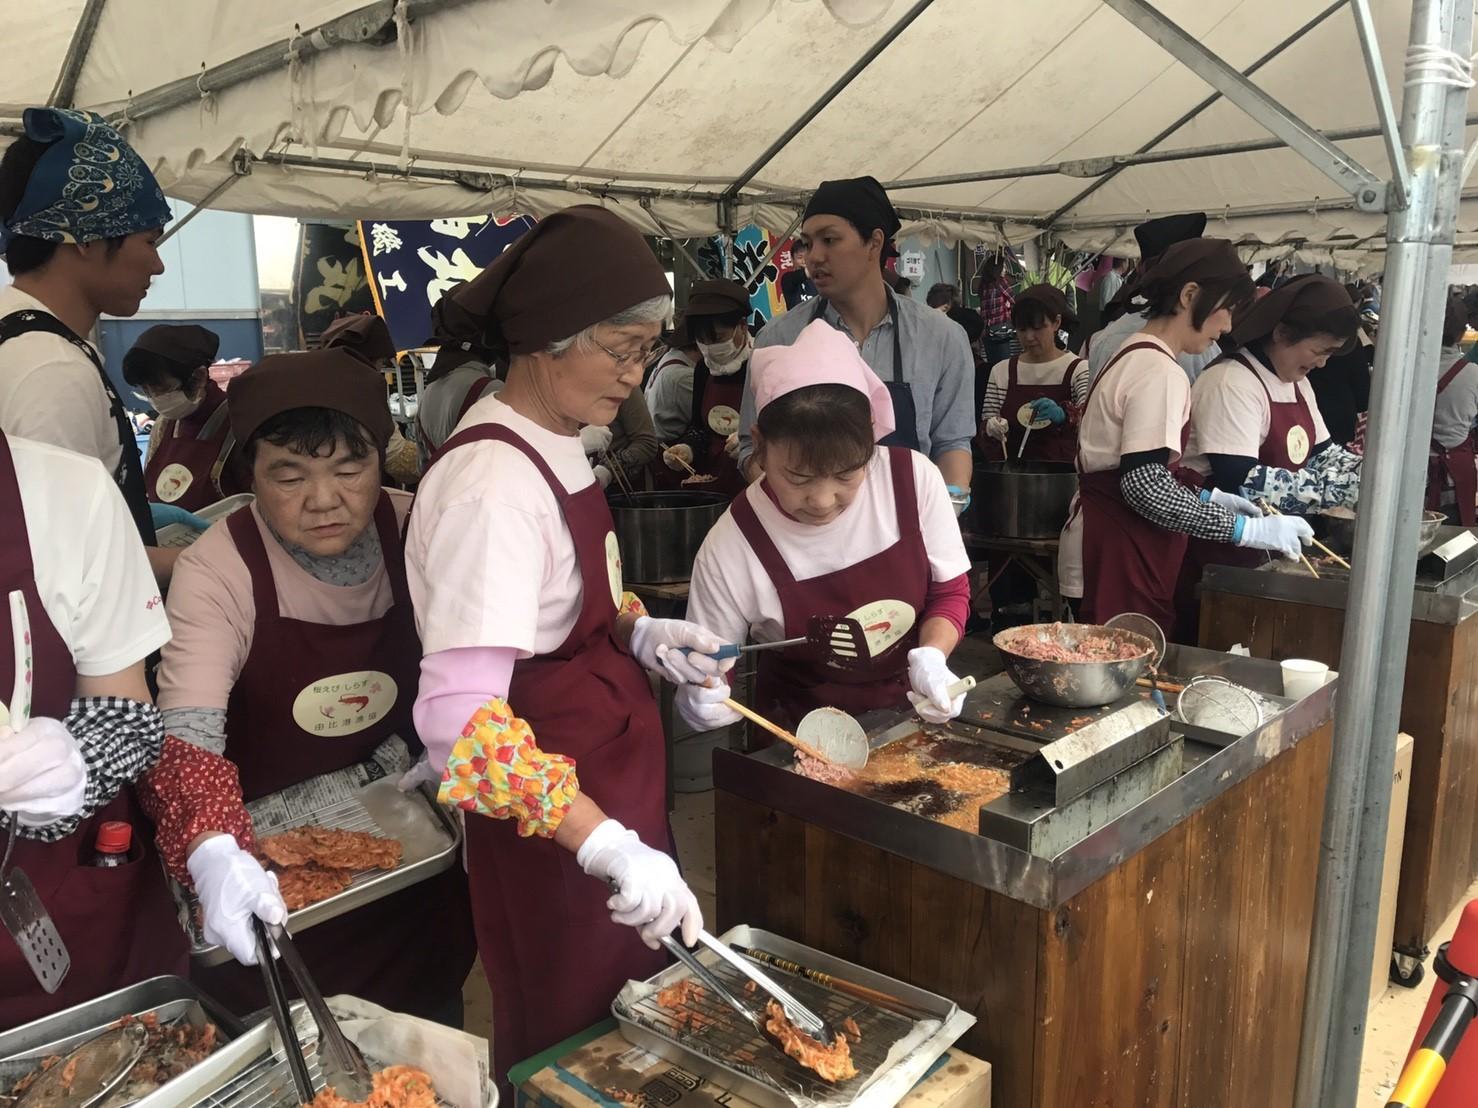 静岡県由比シリーズ  由比漁港の『桜えび祭』に出かける_b0011584_06245966.jpg